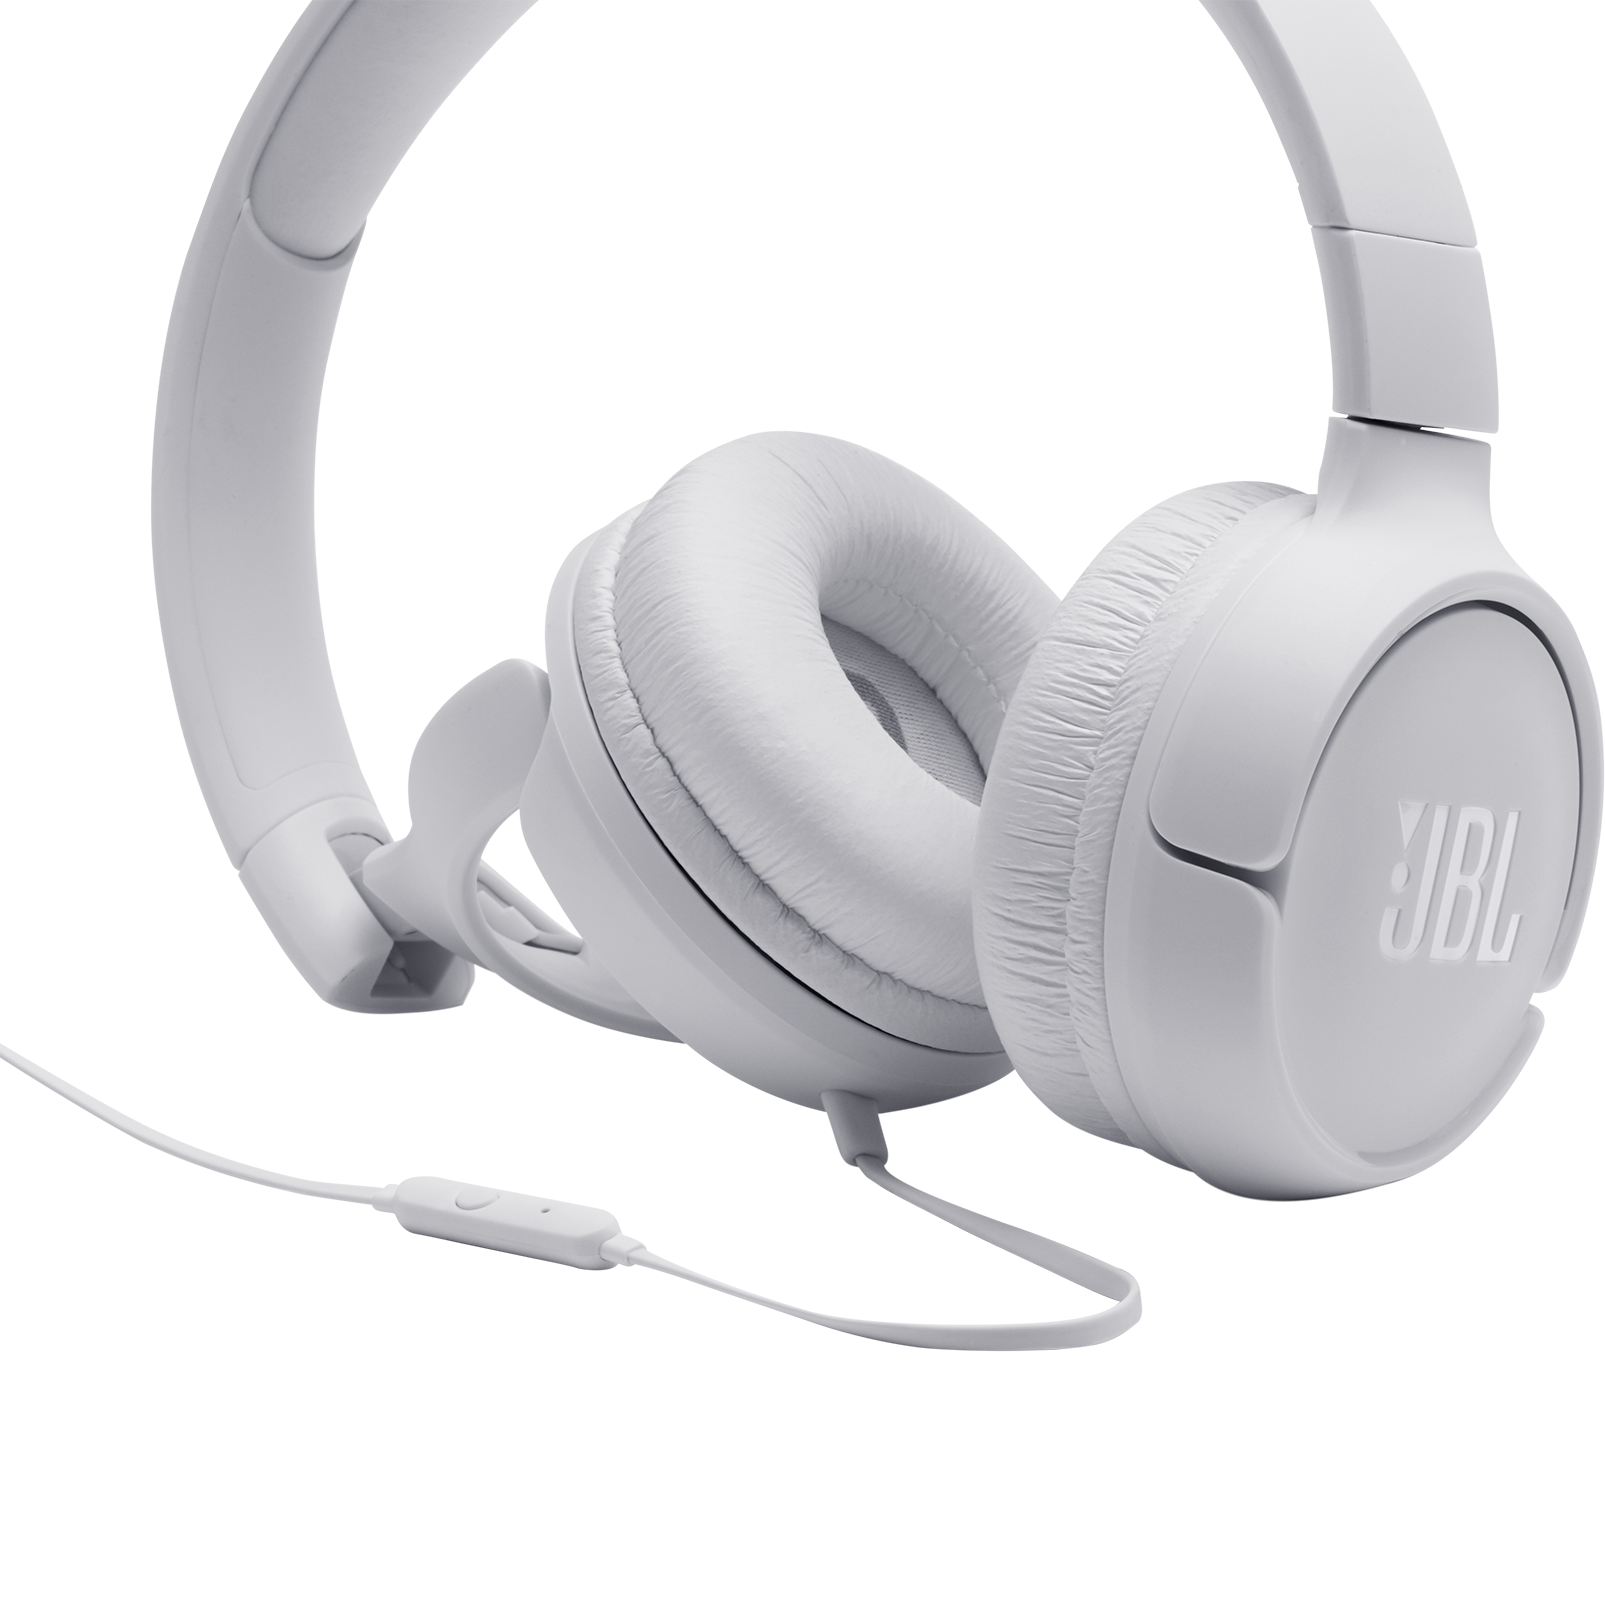 JBL TUNE 500 - White - Wired on-ear headphones - Detailshot 3